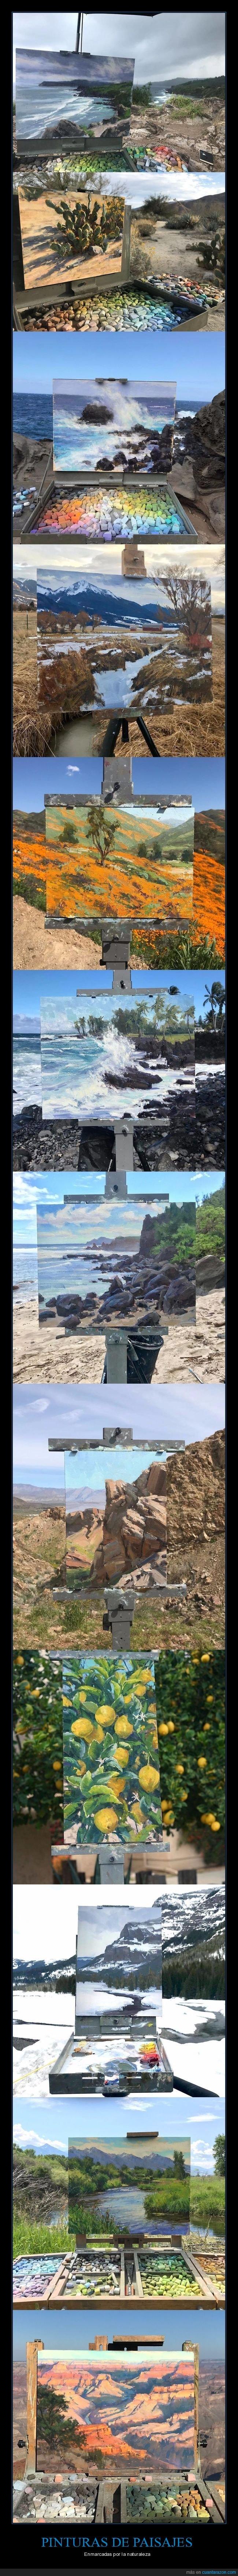 naturaleza,paisajes,pinturas